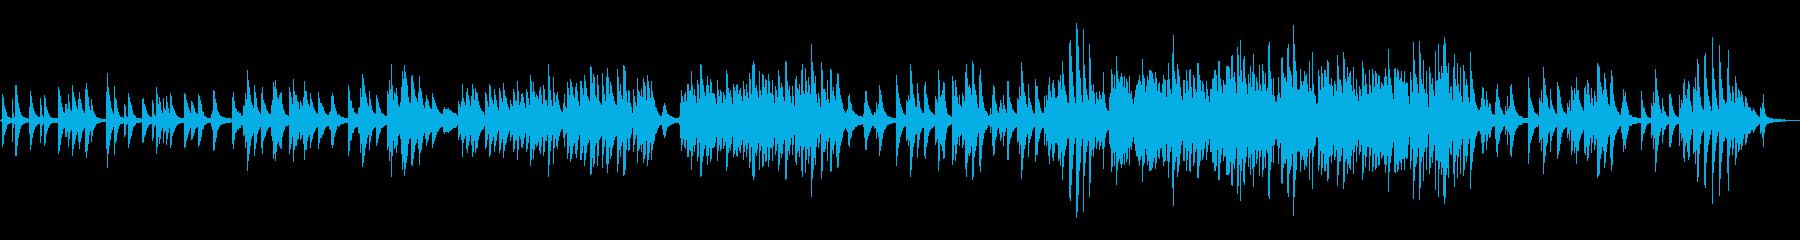 メロディが綺麗バラードピアノver.の再生済みの波形